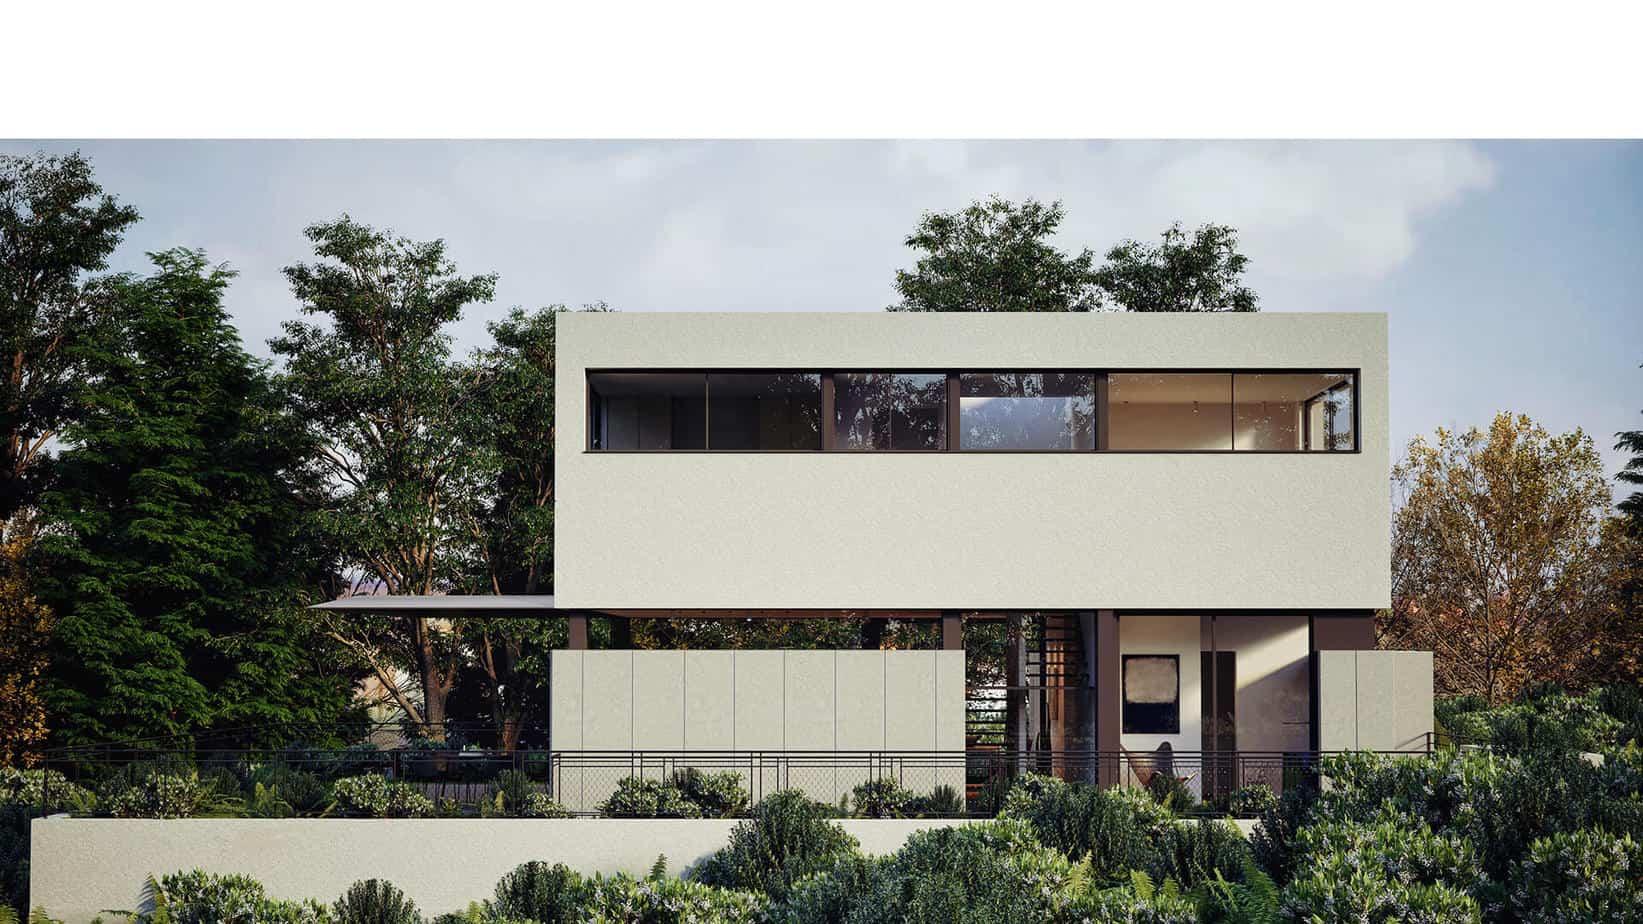 33 mẫu thiết kế nhà hiện đại đẹp ấn tượng nhất 14